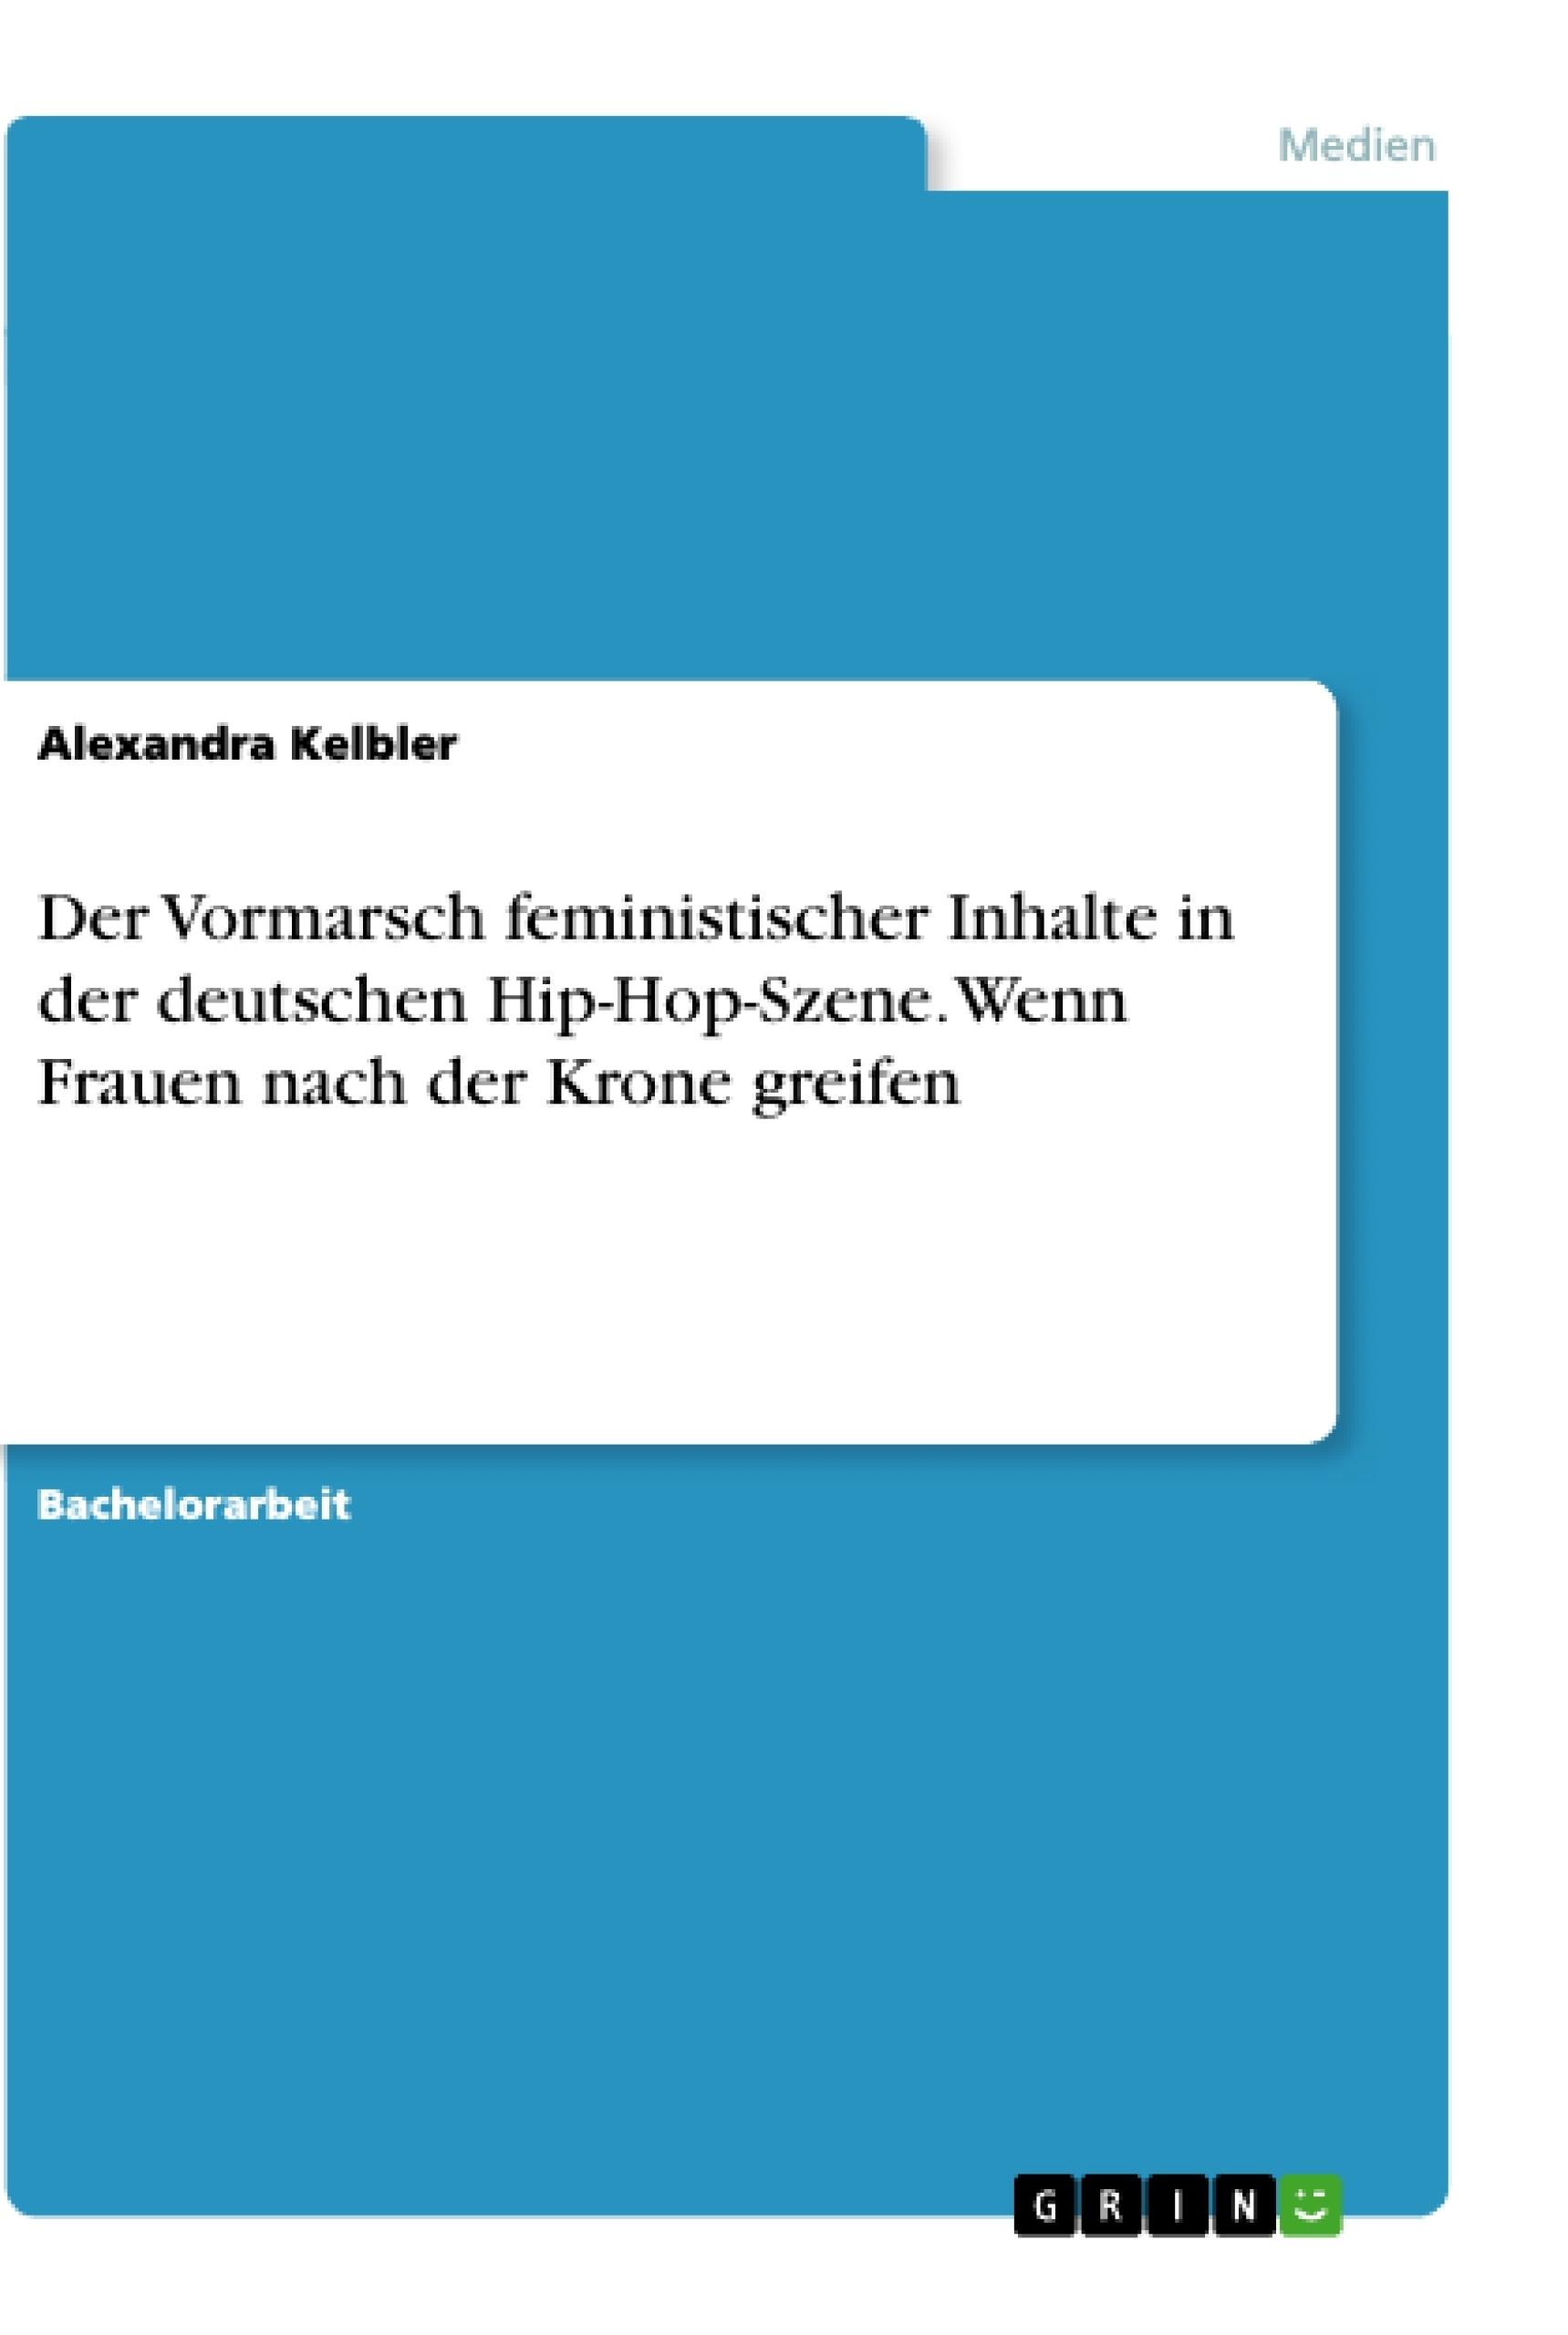 Titel: Der Vormarsch feministischer Inhalte in der deutschen Hip-Hop-Szene. Wenn Frauen nach der Krone greifen